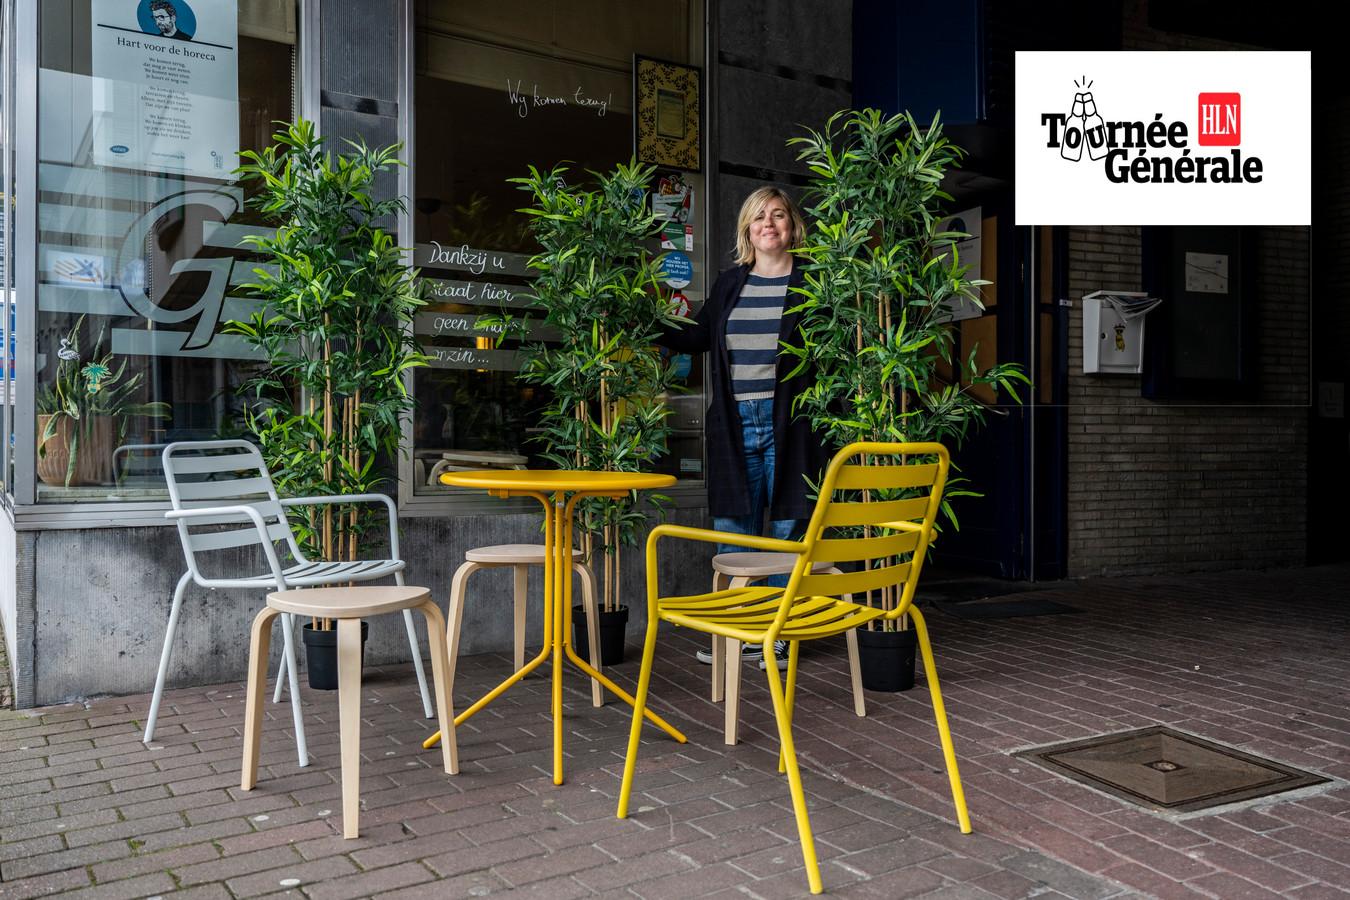 Lize De Paepe van het Gildenhuis in Zele heeft alvast wat groen voorzien om de heropening van haar terras op te fleuren.